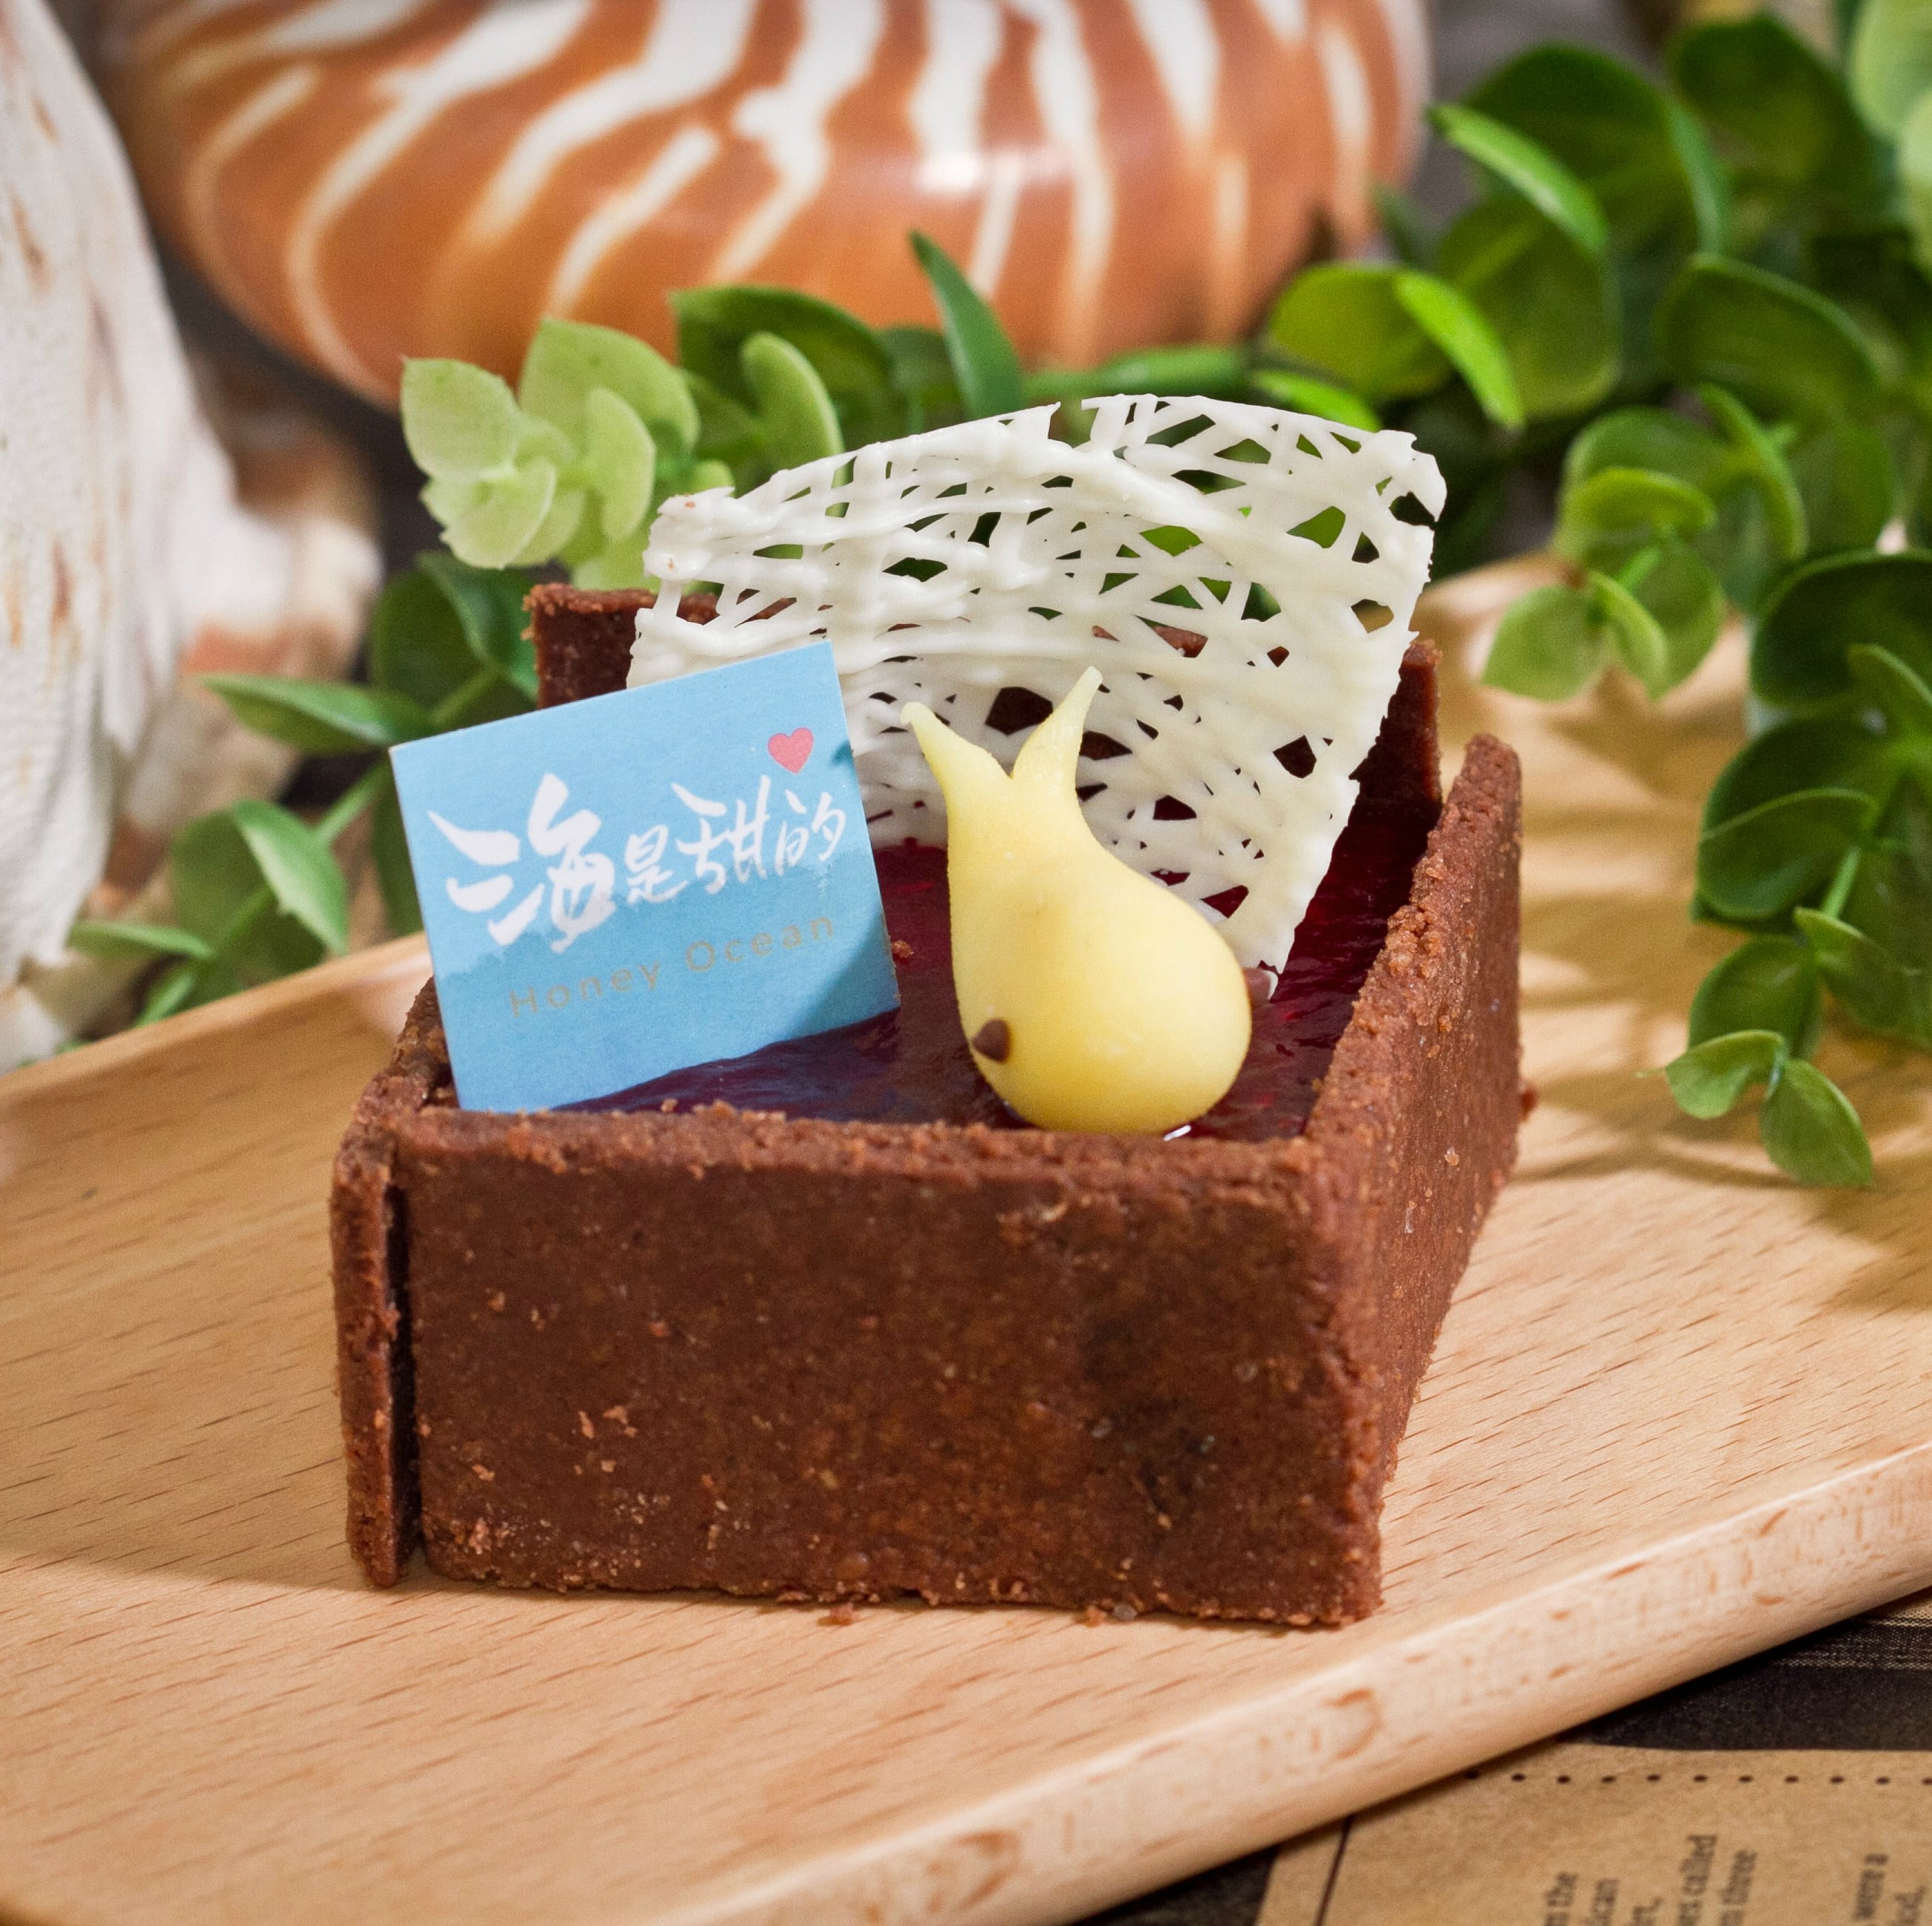 ??海是甜的 2.5吋?黑潮 70%苦甜巧克力?酸甜覆盆子果凍?海鹽餅乾,呼應黑潮的豐富風味